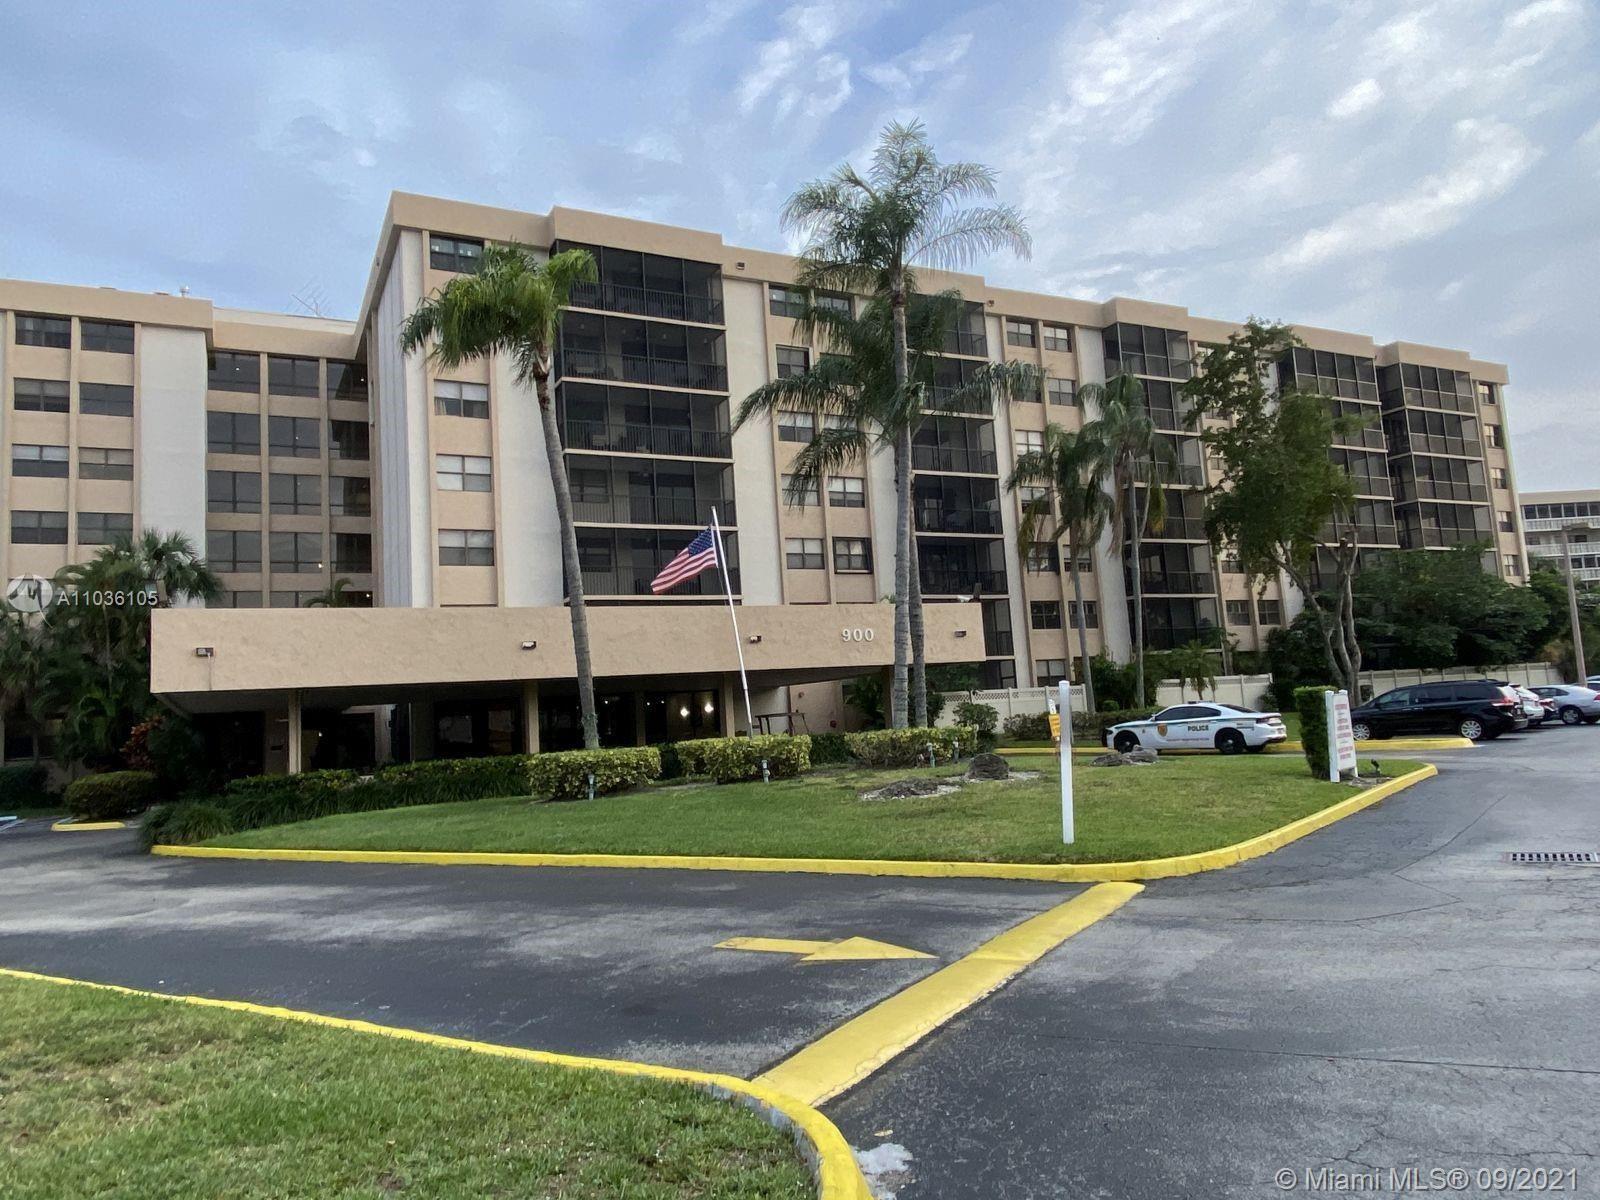 900 NE 195th St #515, Miami, FL 33179 - #: A11036105